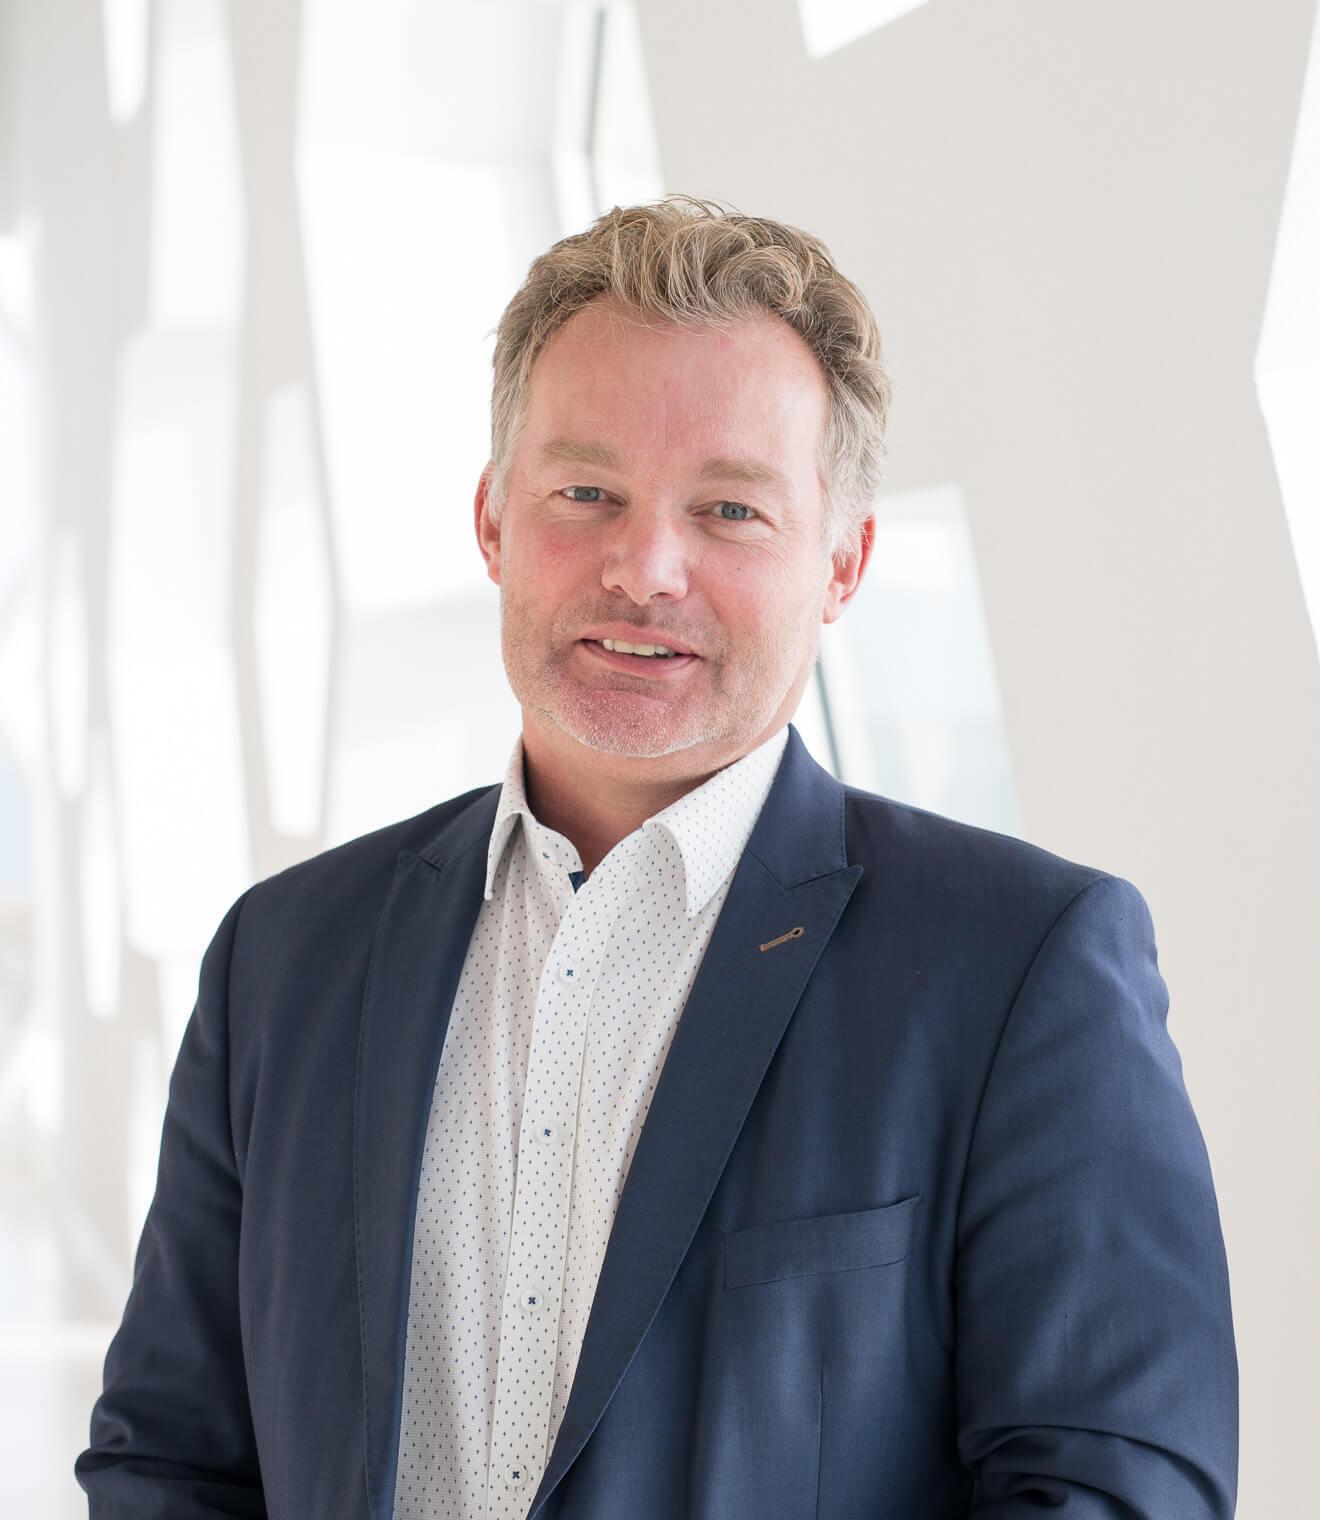 Pieter Zondervan